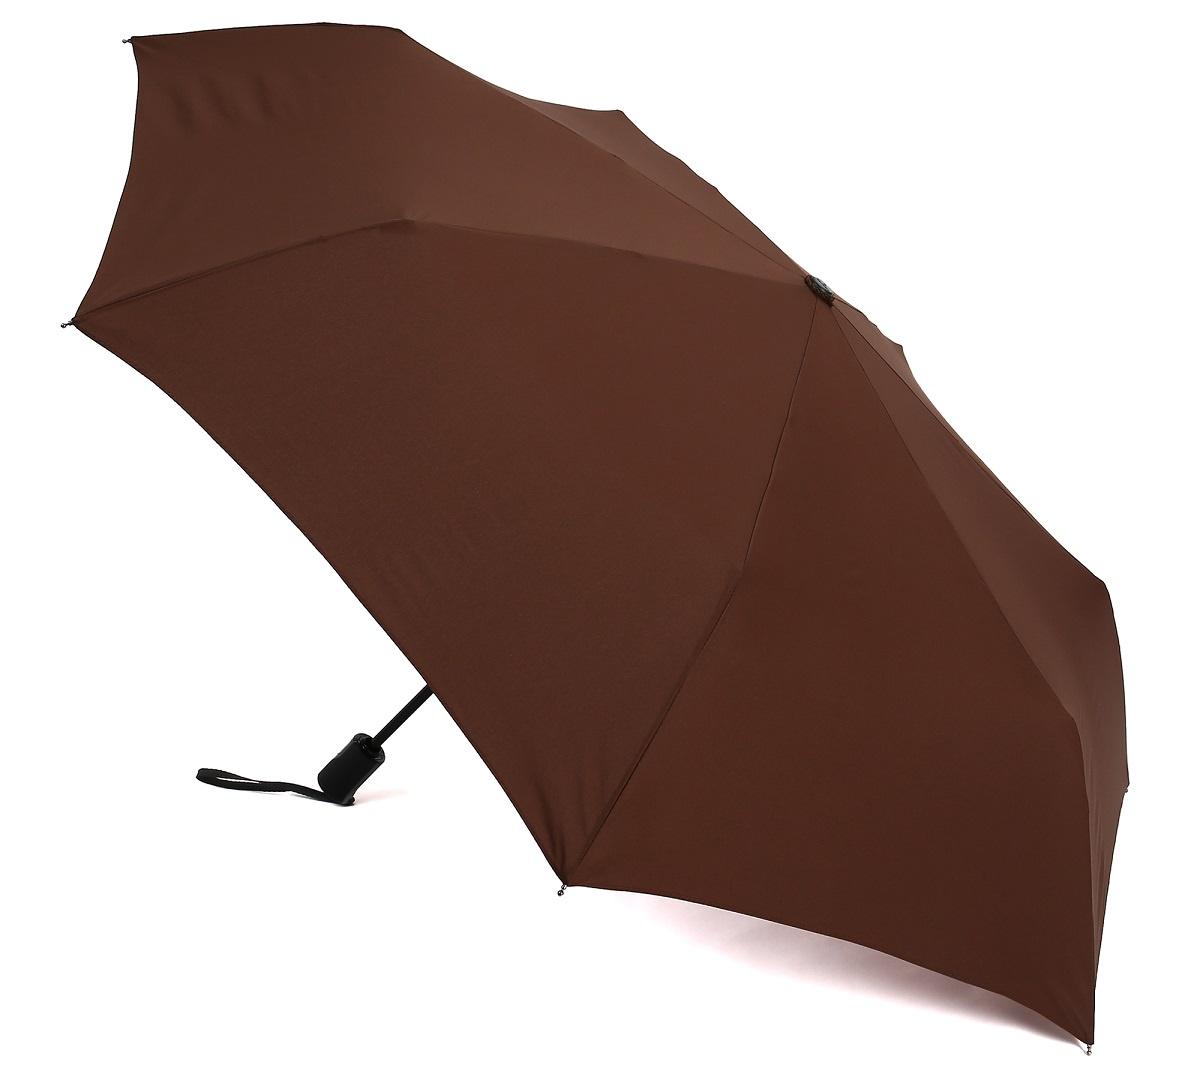 Зонт Три слона 365-D, темно-коричневый